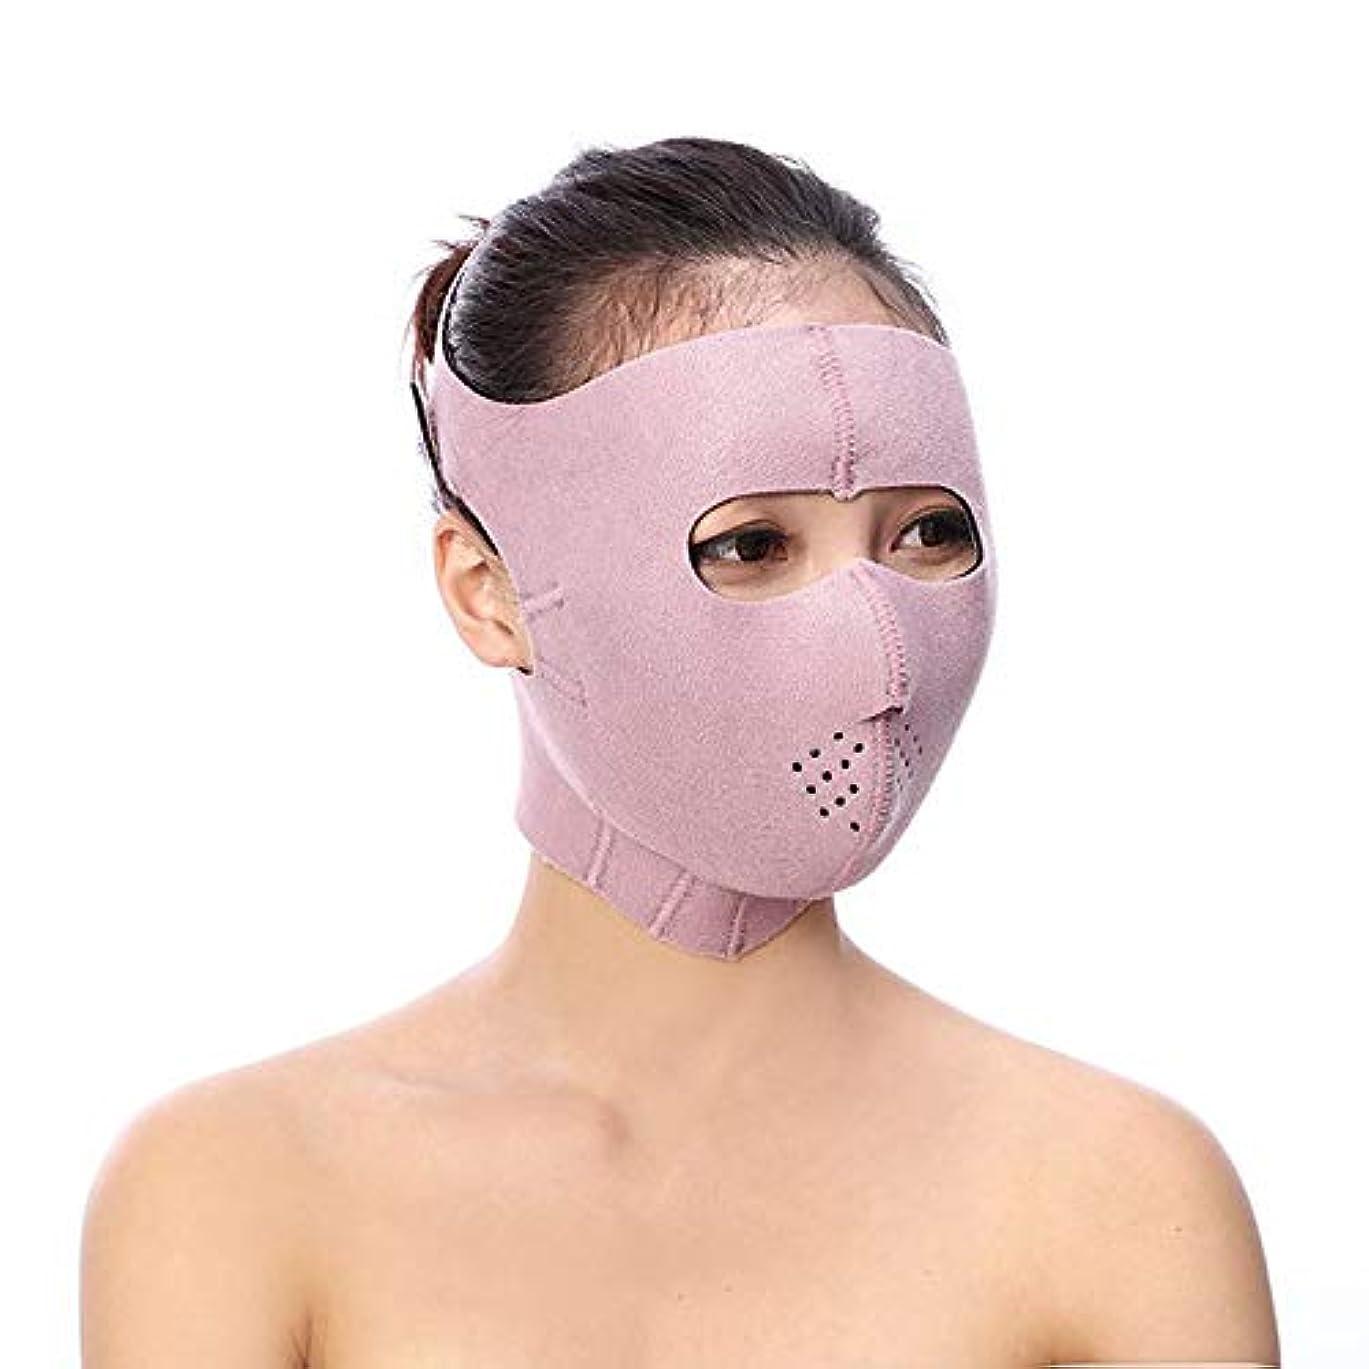 晩餐農民海GYZ フェイシャルリフティング痩身ベルト - Vフェイス包帯マスクフェイシャルマッサージャー無料の薄いフェイス包帯整形マスクを引き締める顔と首の顔スリム Thin Face Belt